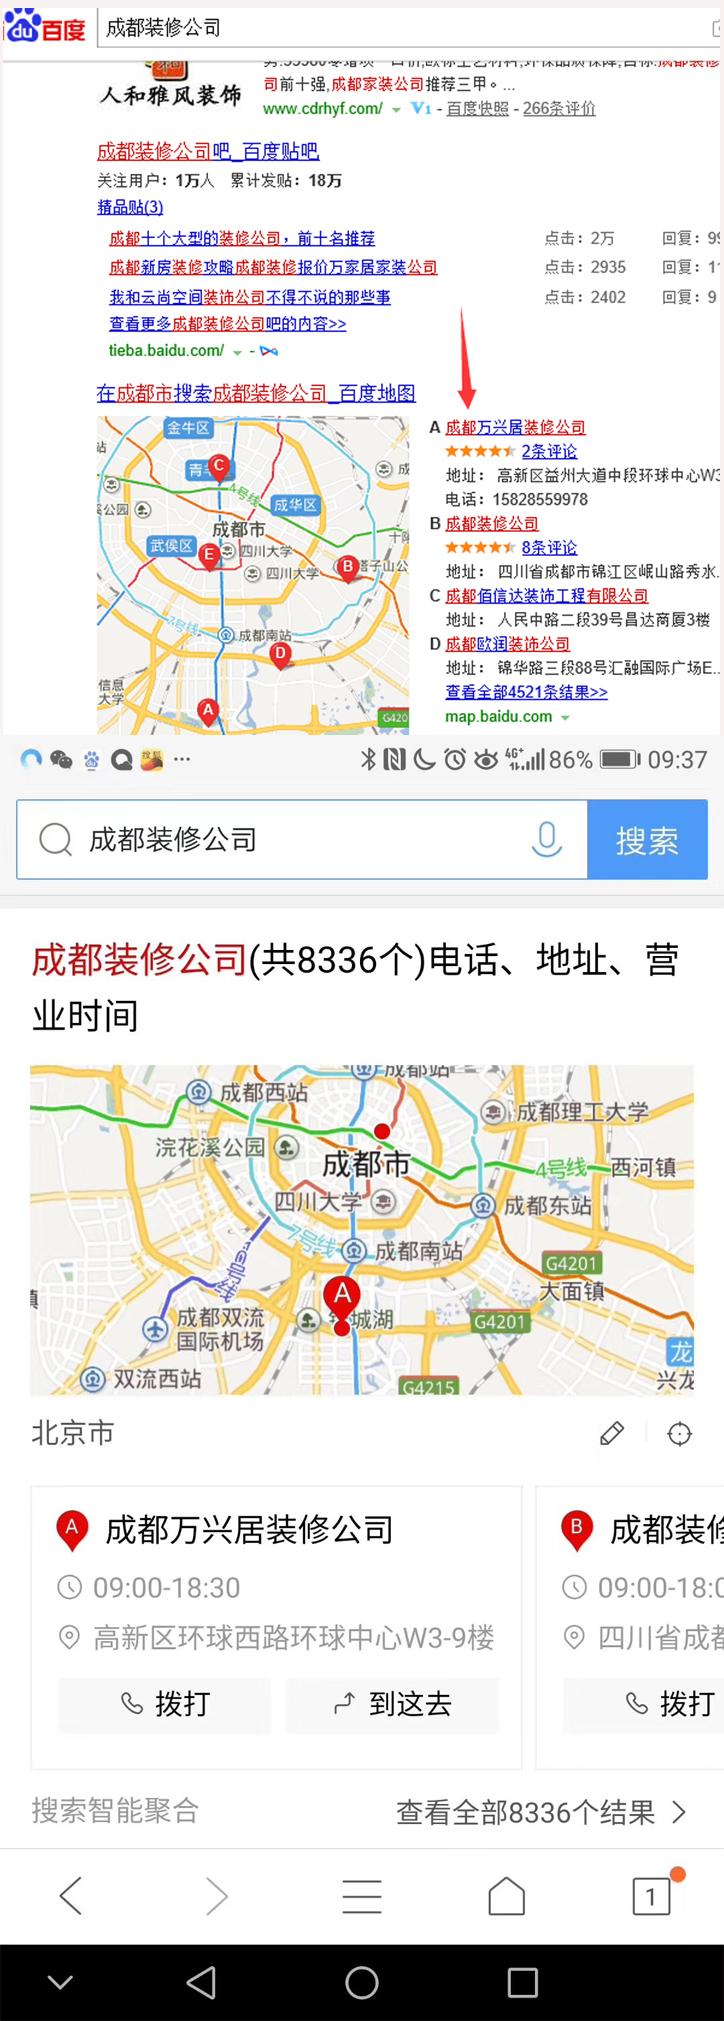 成都装修公司百度地图排名案例.jpg